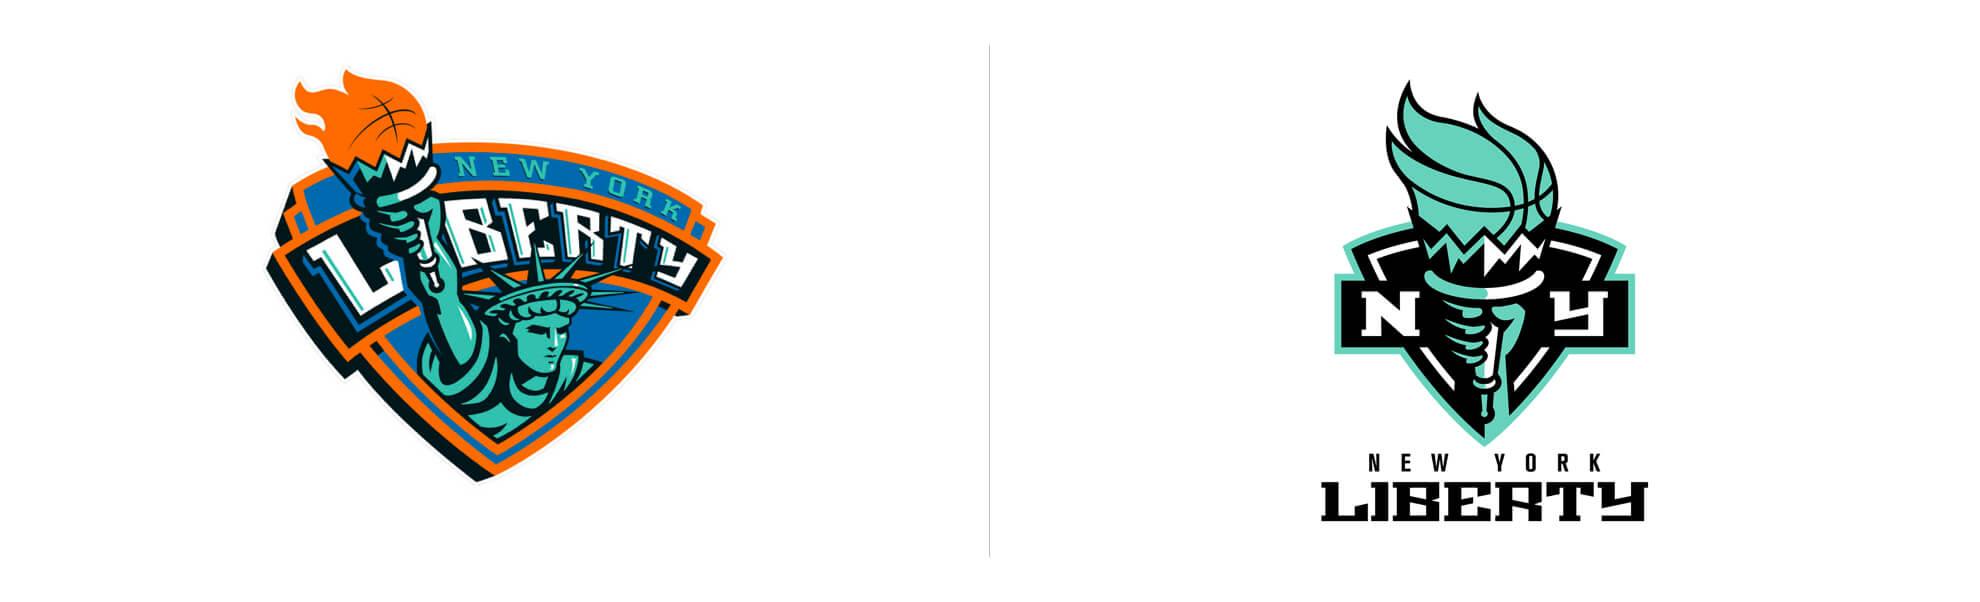 new york liberty znowym logo